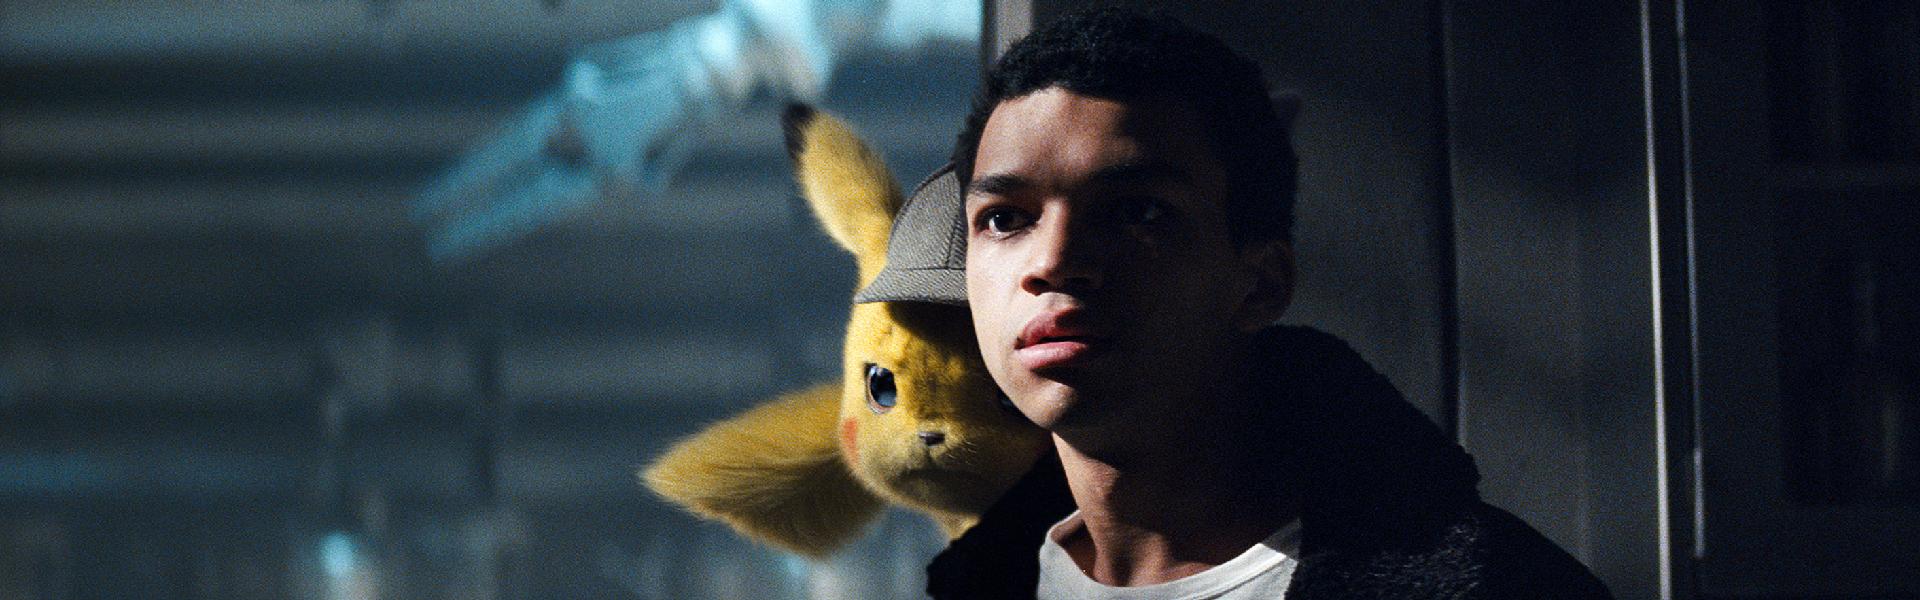 Pokémon Detektyw Pikachu <span>(dubbing)</span>